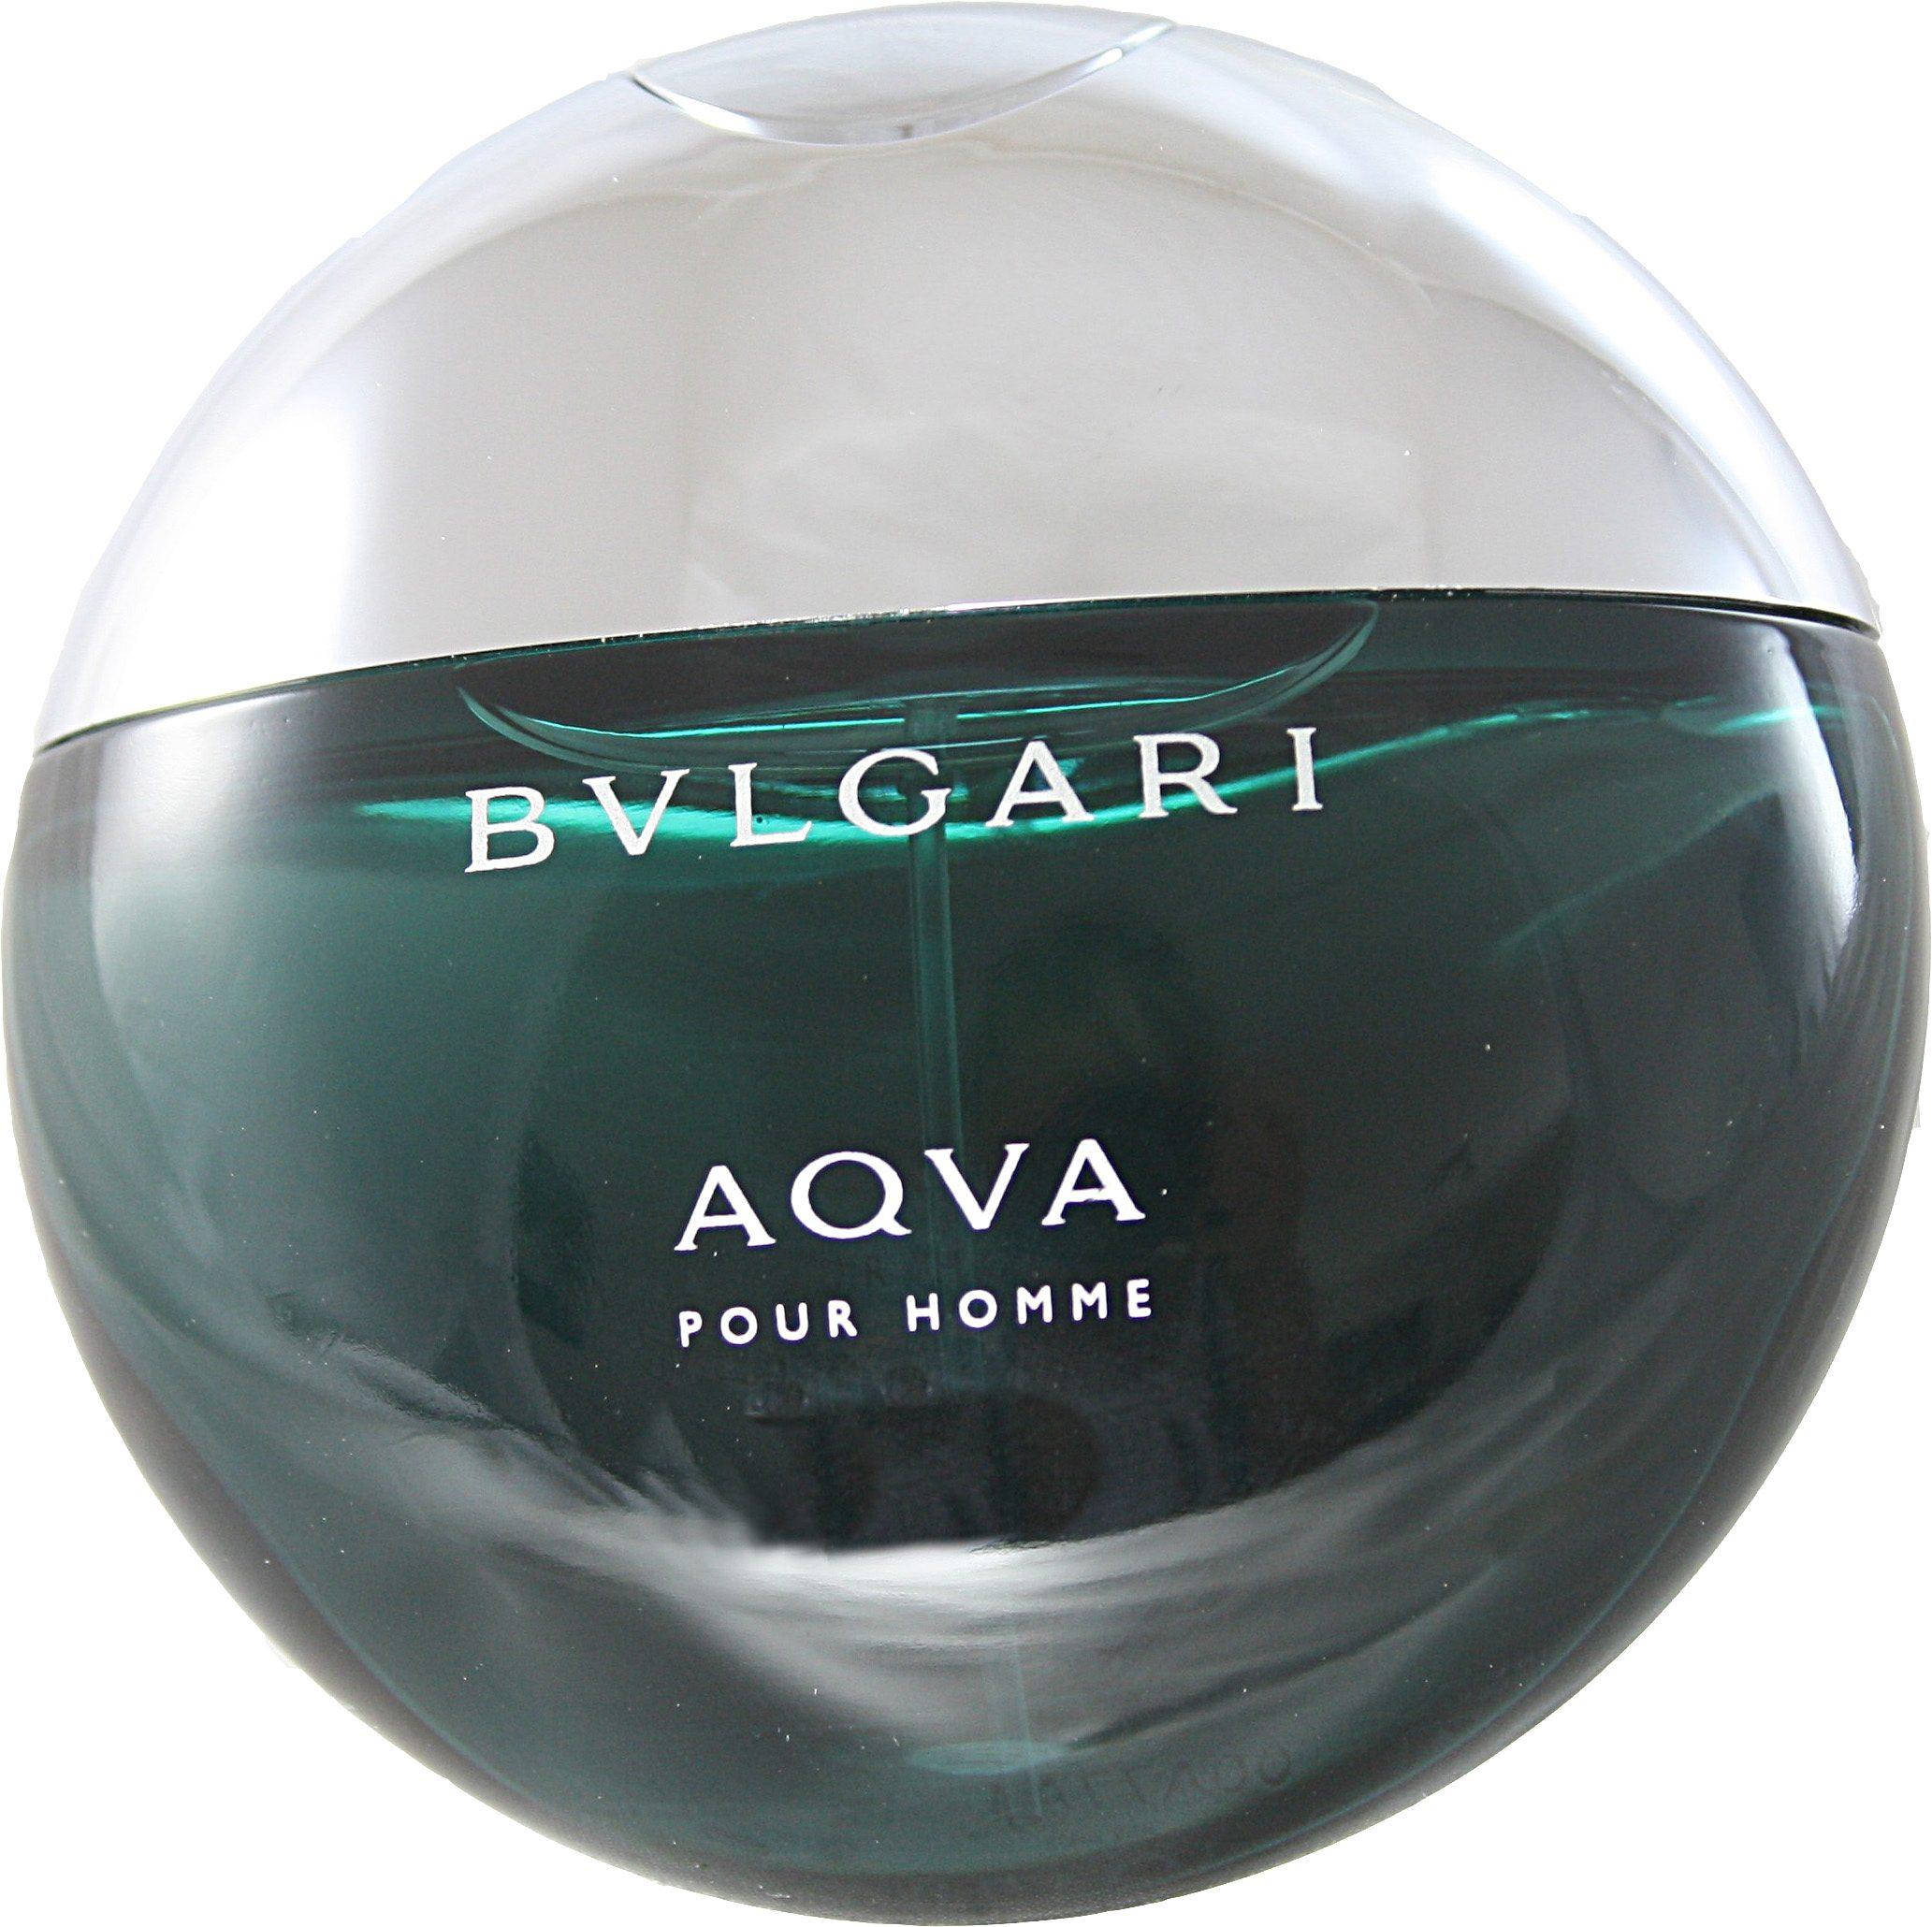 Bvlgari, »AQVA pour Homme«, Eau de Toilette